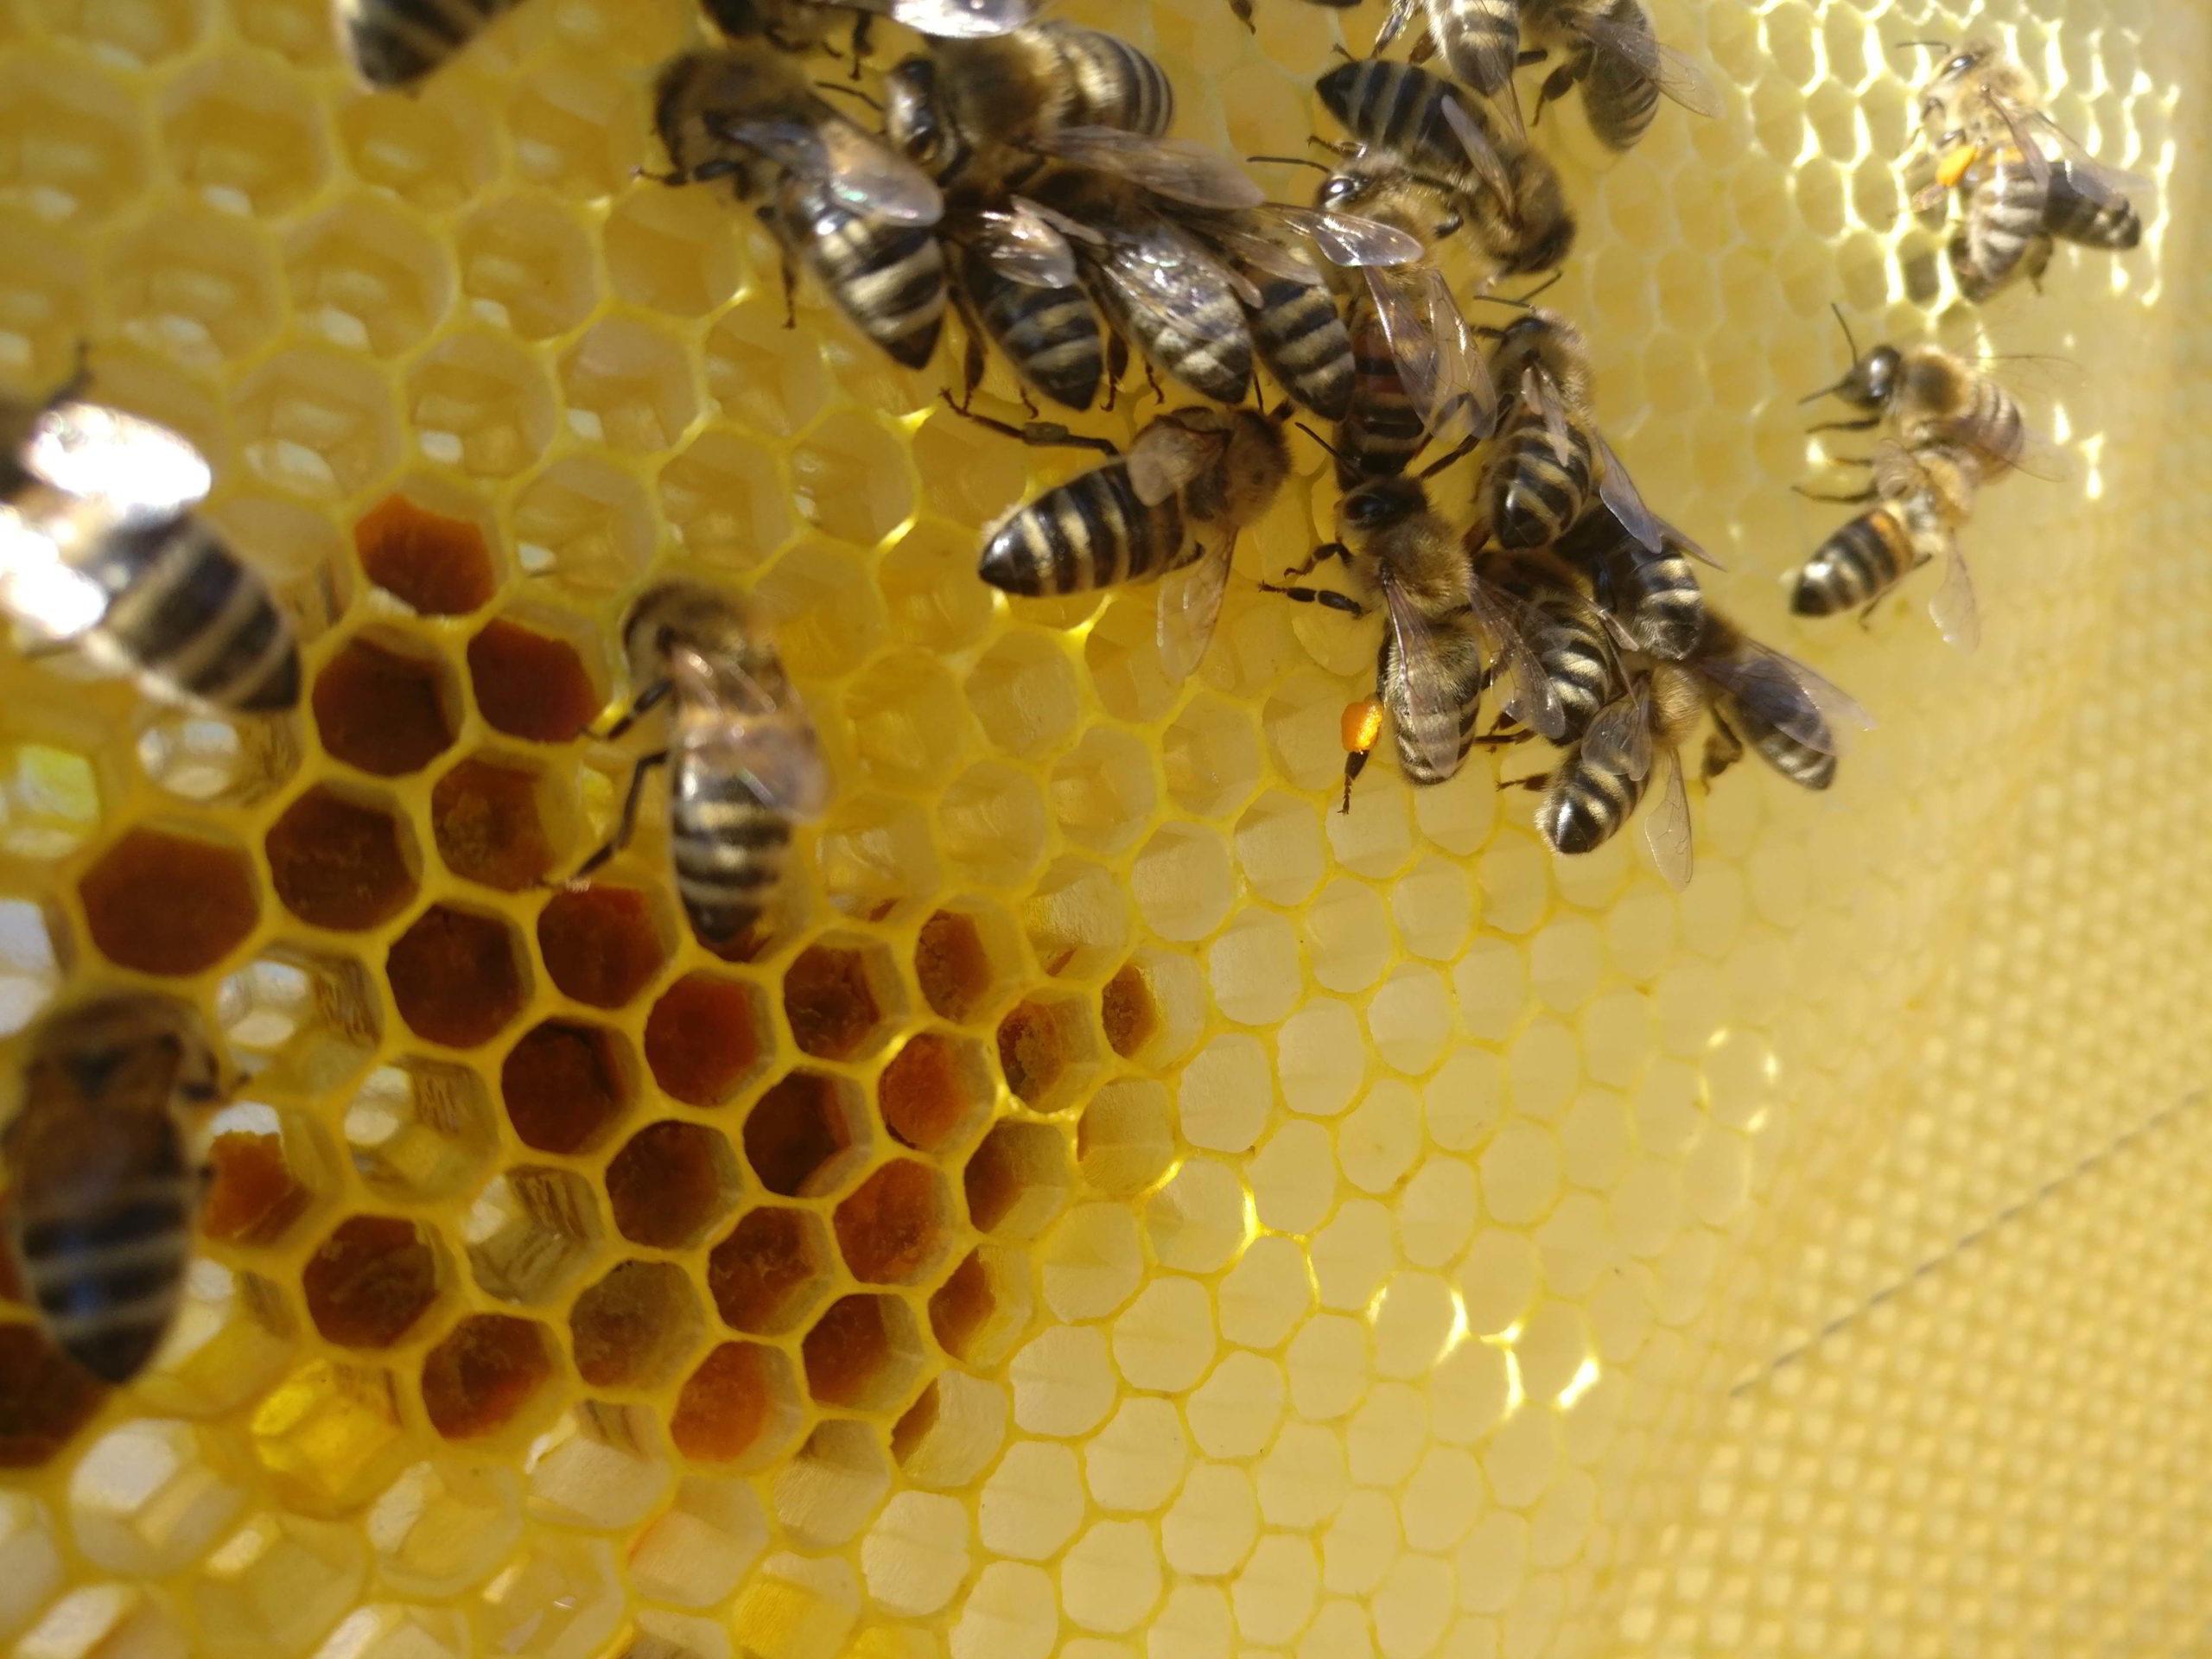 Studie zur nachhaltigen Bienenhaltung